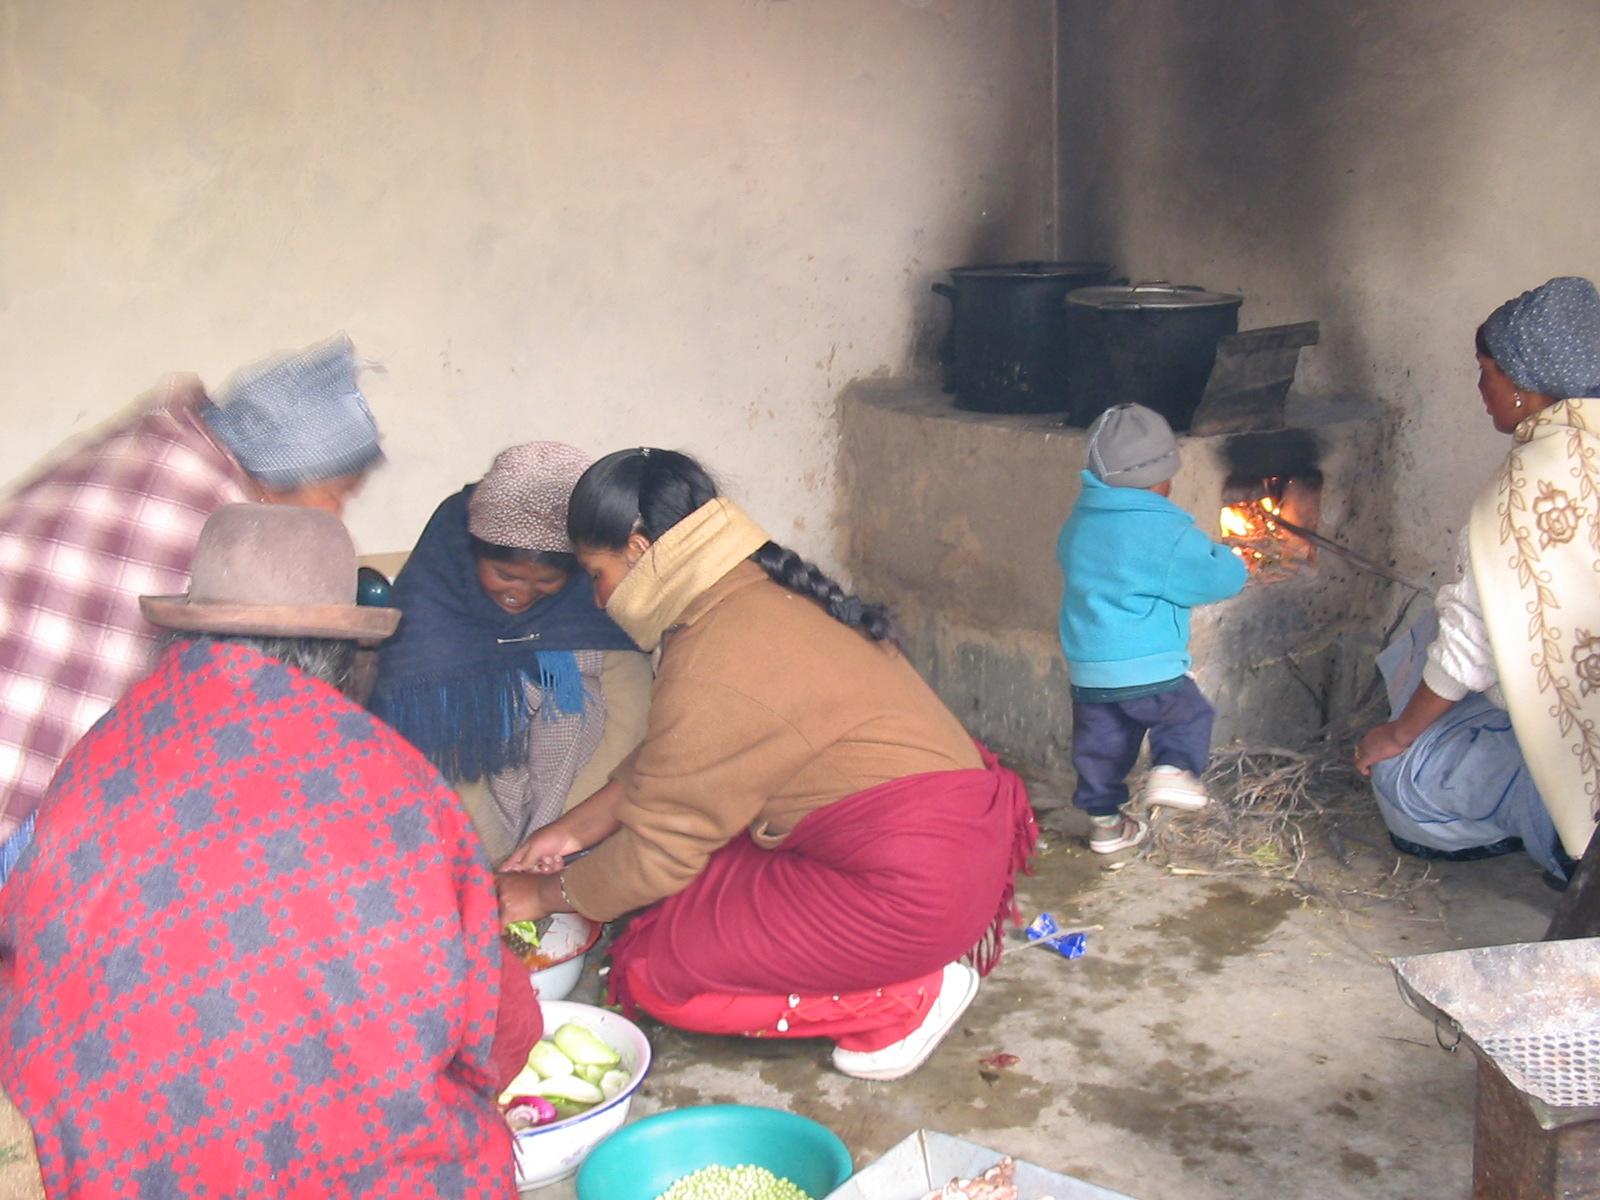 Cades bolivia observatorio de igualdad de genero - Trabajos manuales remunerados ...